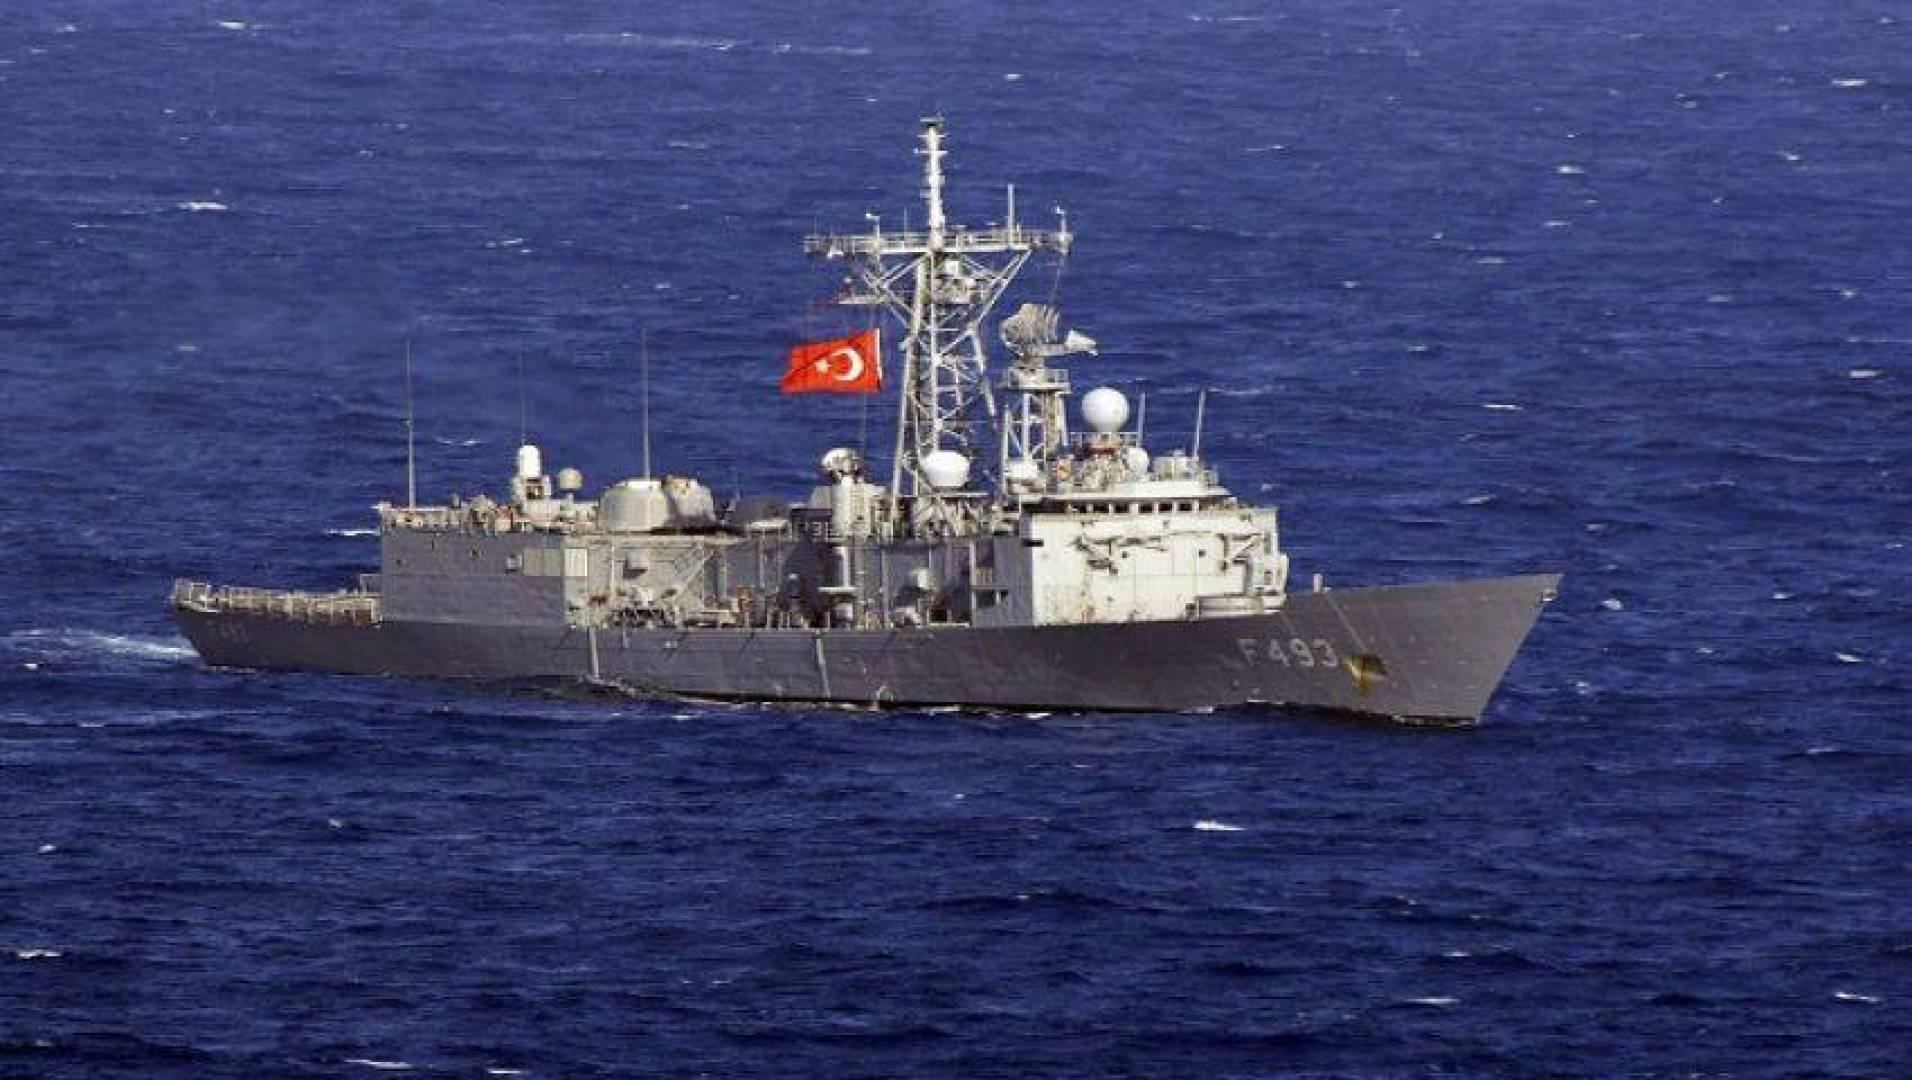 مصر تعترض على نشاط بحري لسفينة تركية في مياهها الاقتصادية بالبحر المتوسط